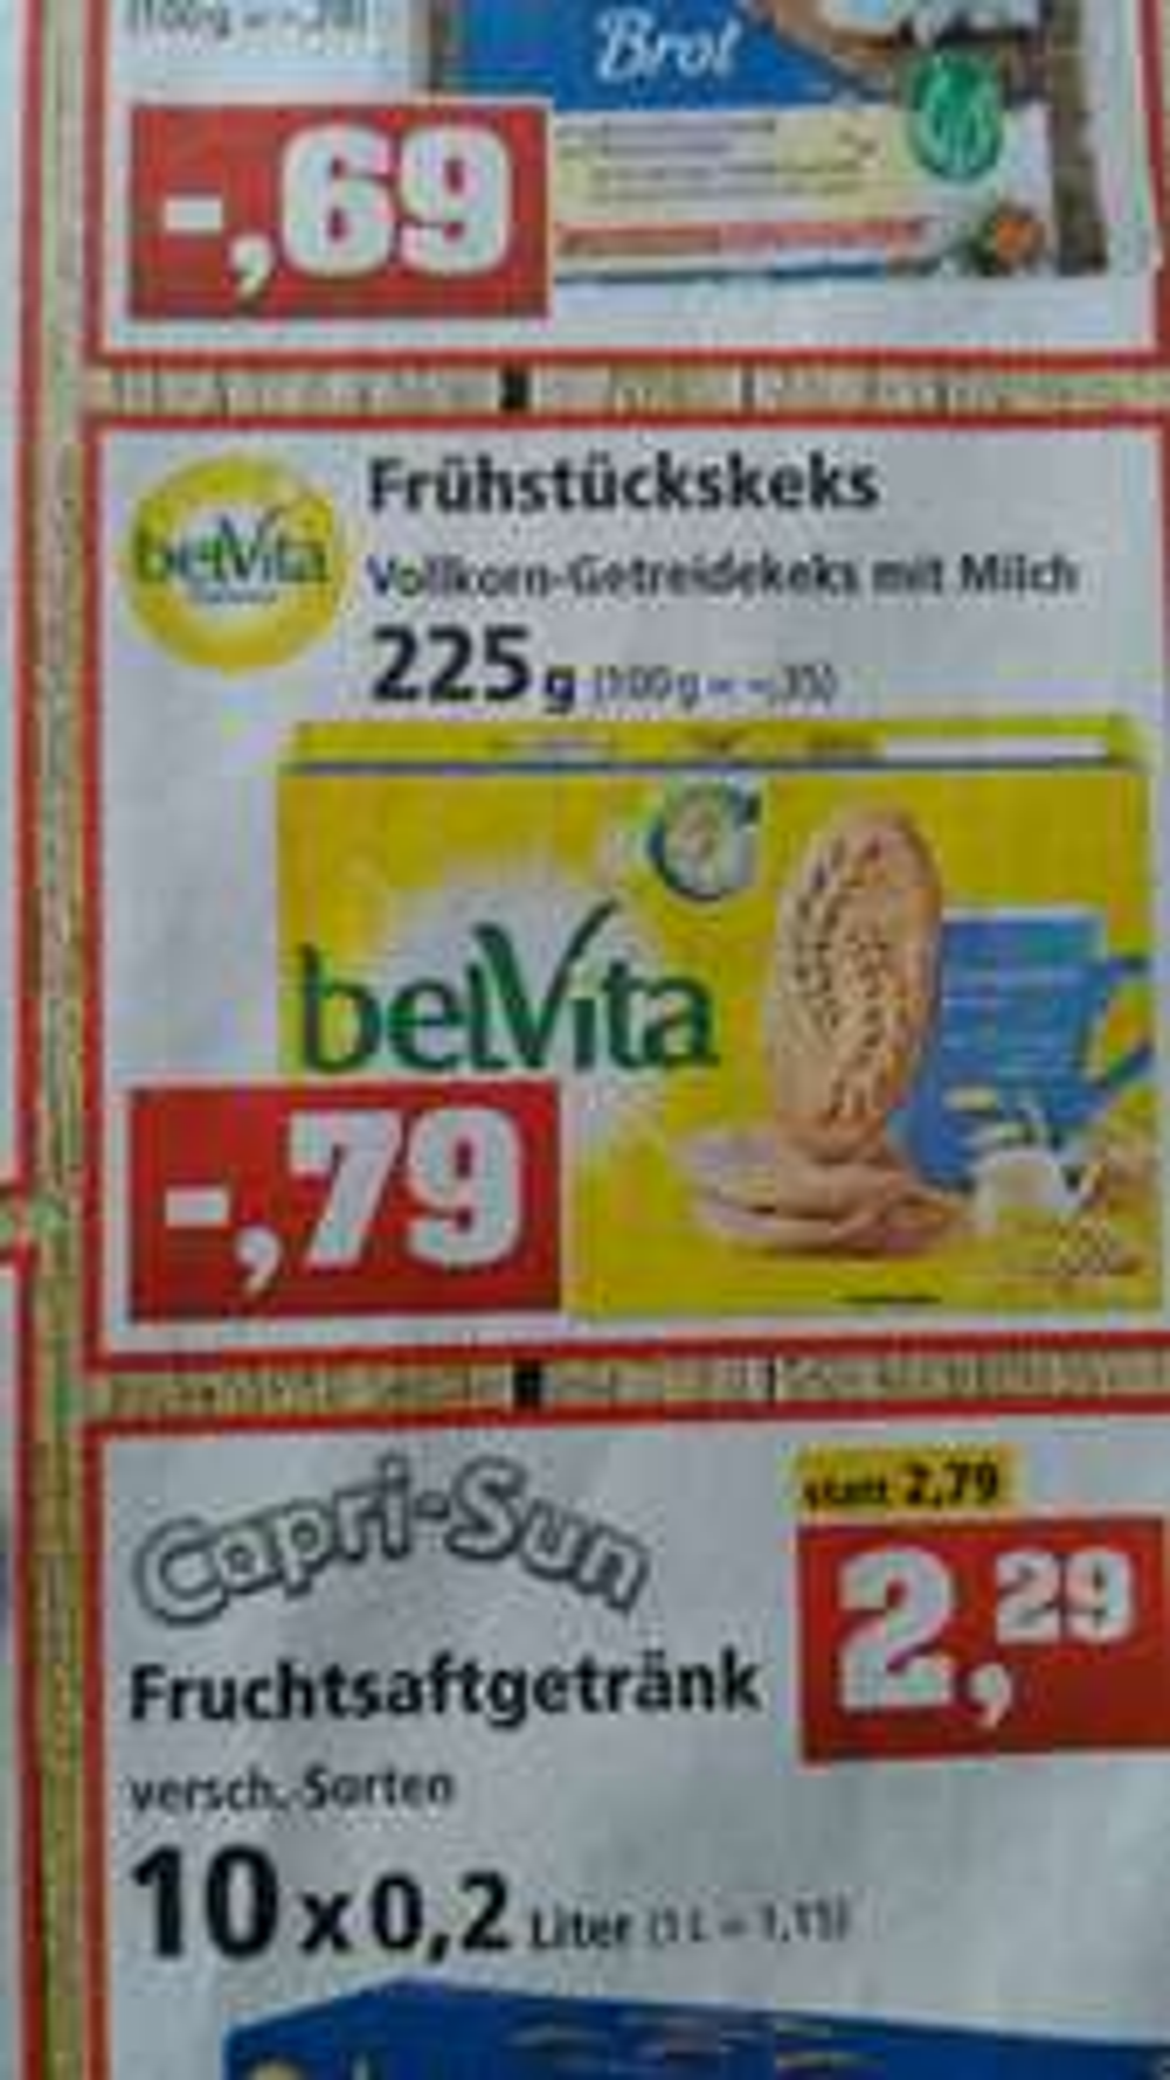 [Thomas Philipps] Belvita Frühstück Cerealien & Milch Kekse für 0,79€